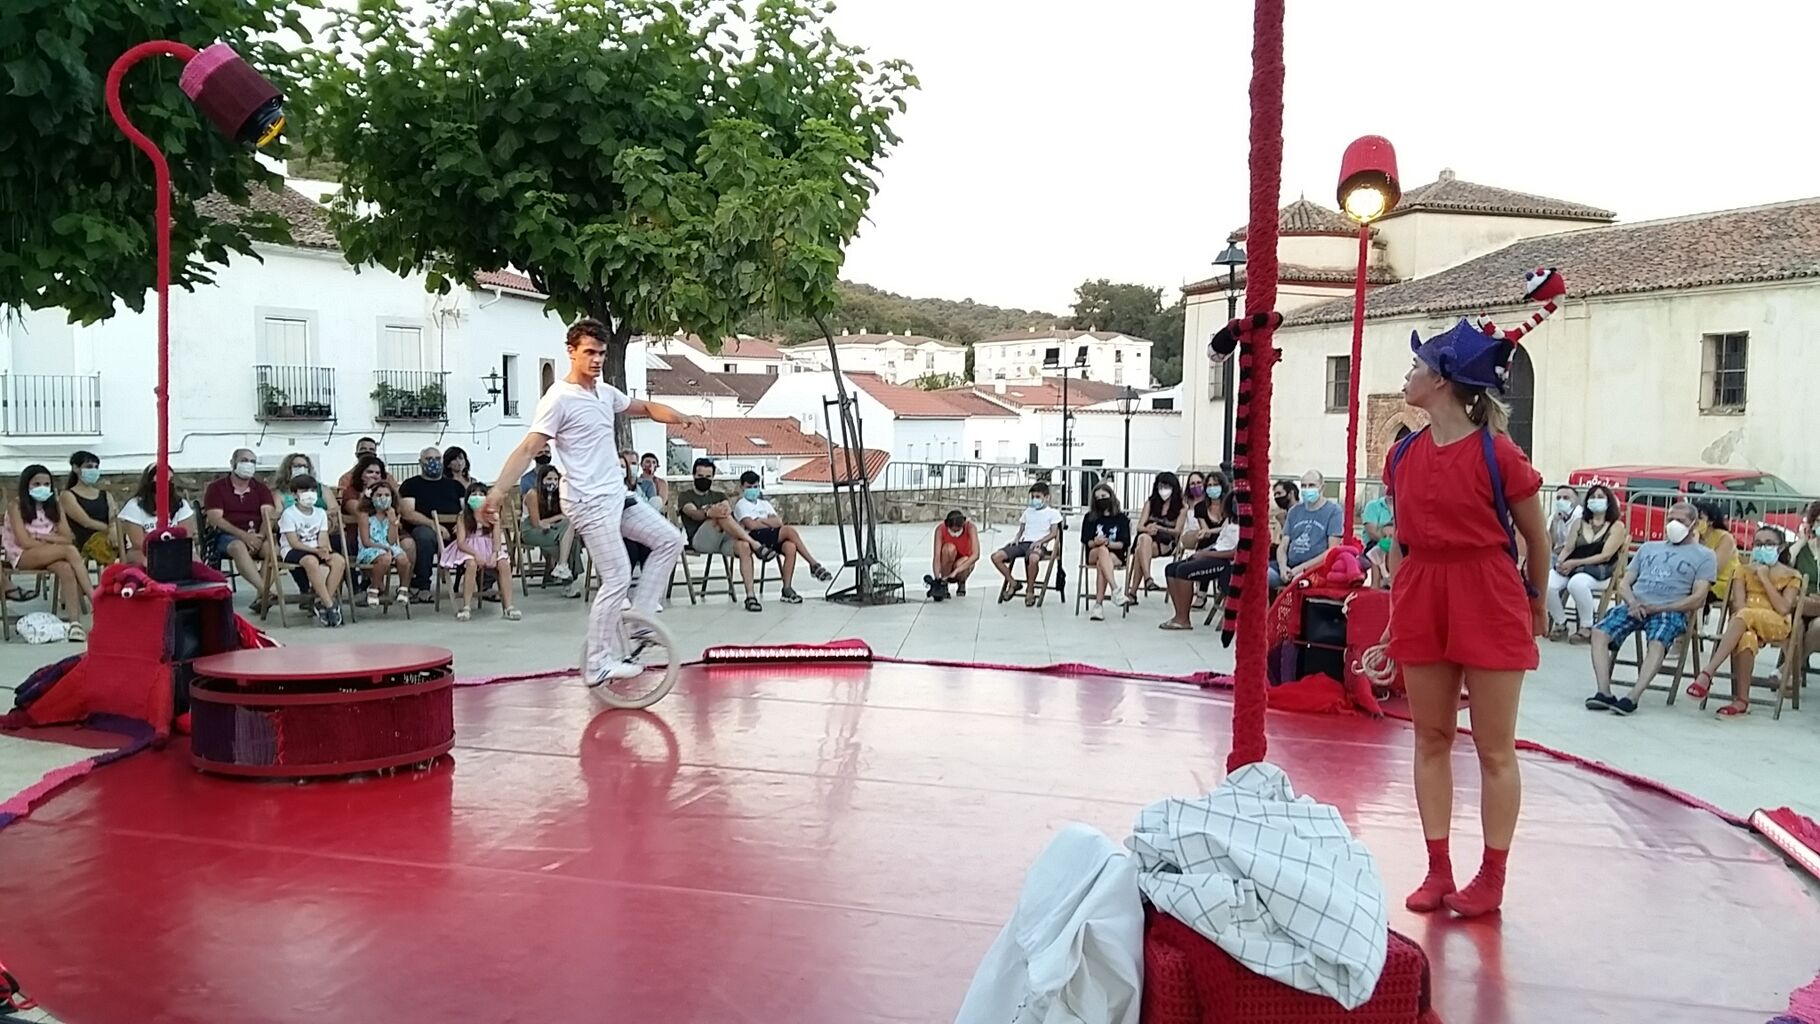 Noche blanca de la cultura en Aracena 2020 llevada a cabo cumpliendo las medidas de seguridad / Ayuntamiento de Aracena